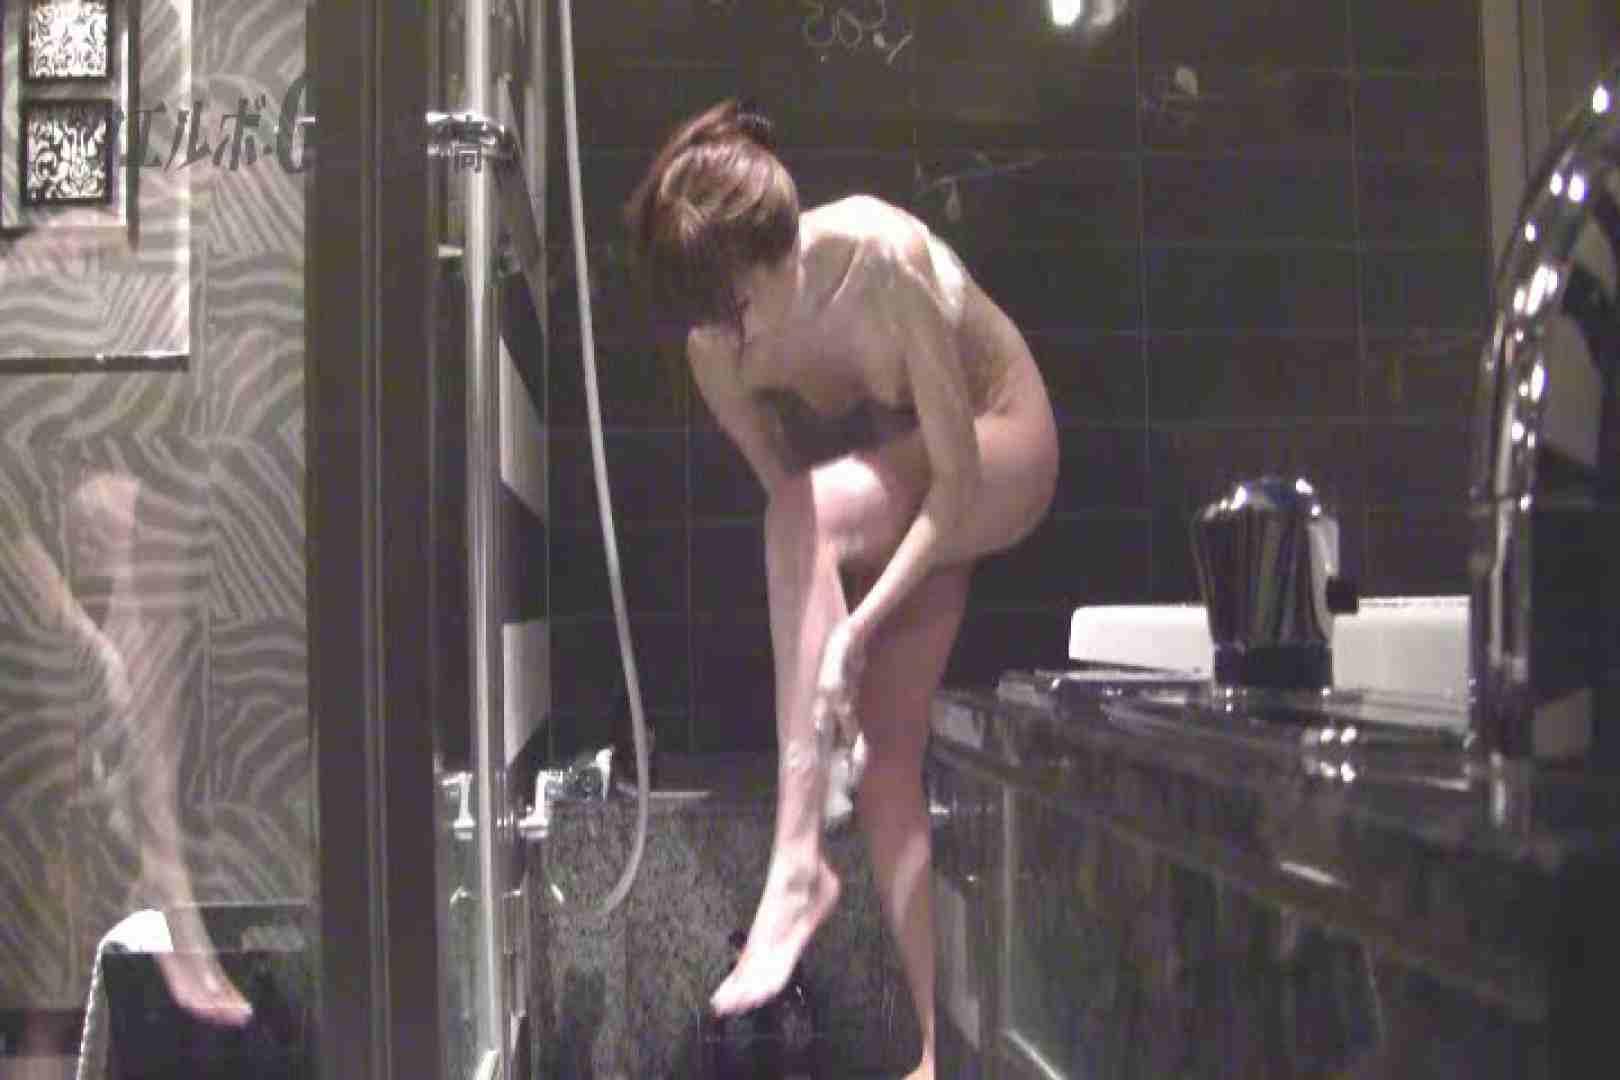 クエルボ・Gさん投稿 24歳OLさんとの×××vol.2 投稿 ヌード画像 82pic 43